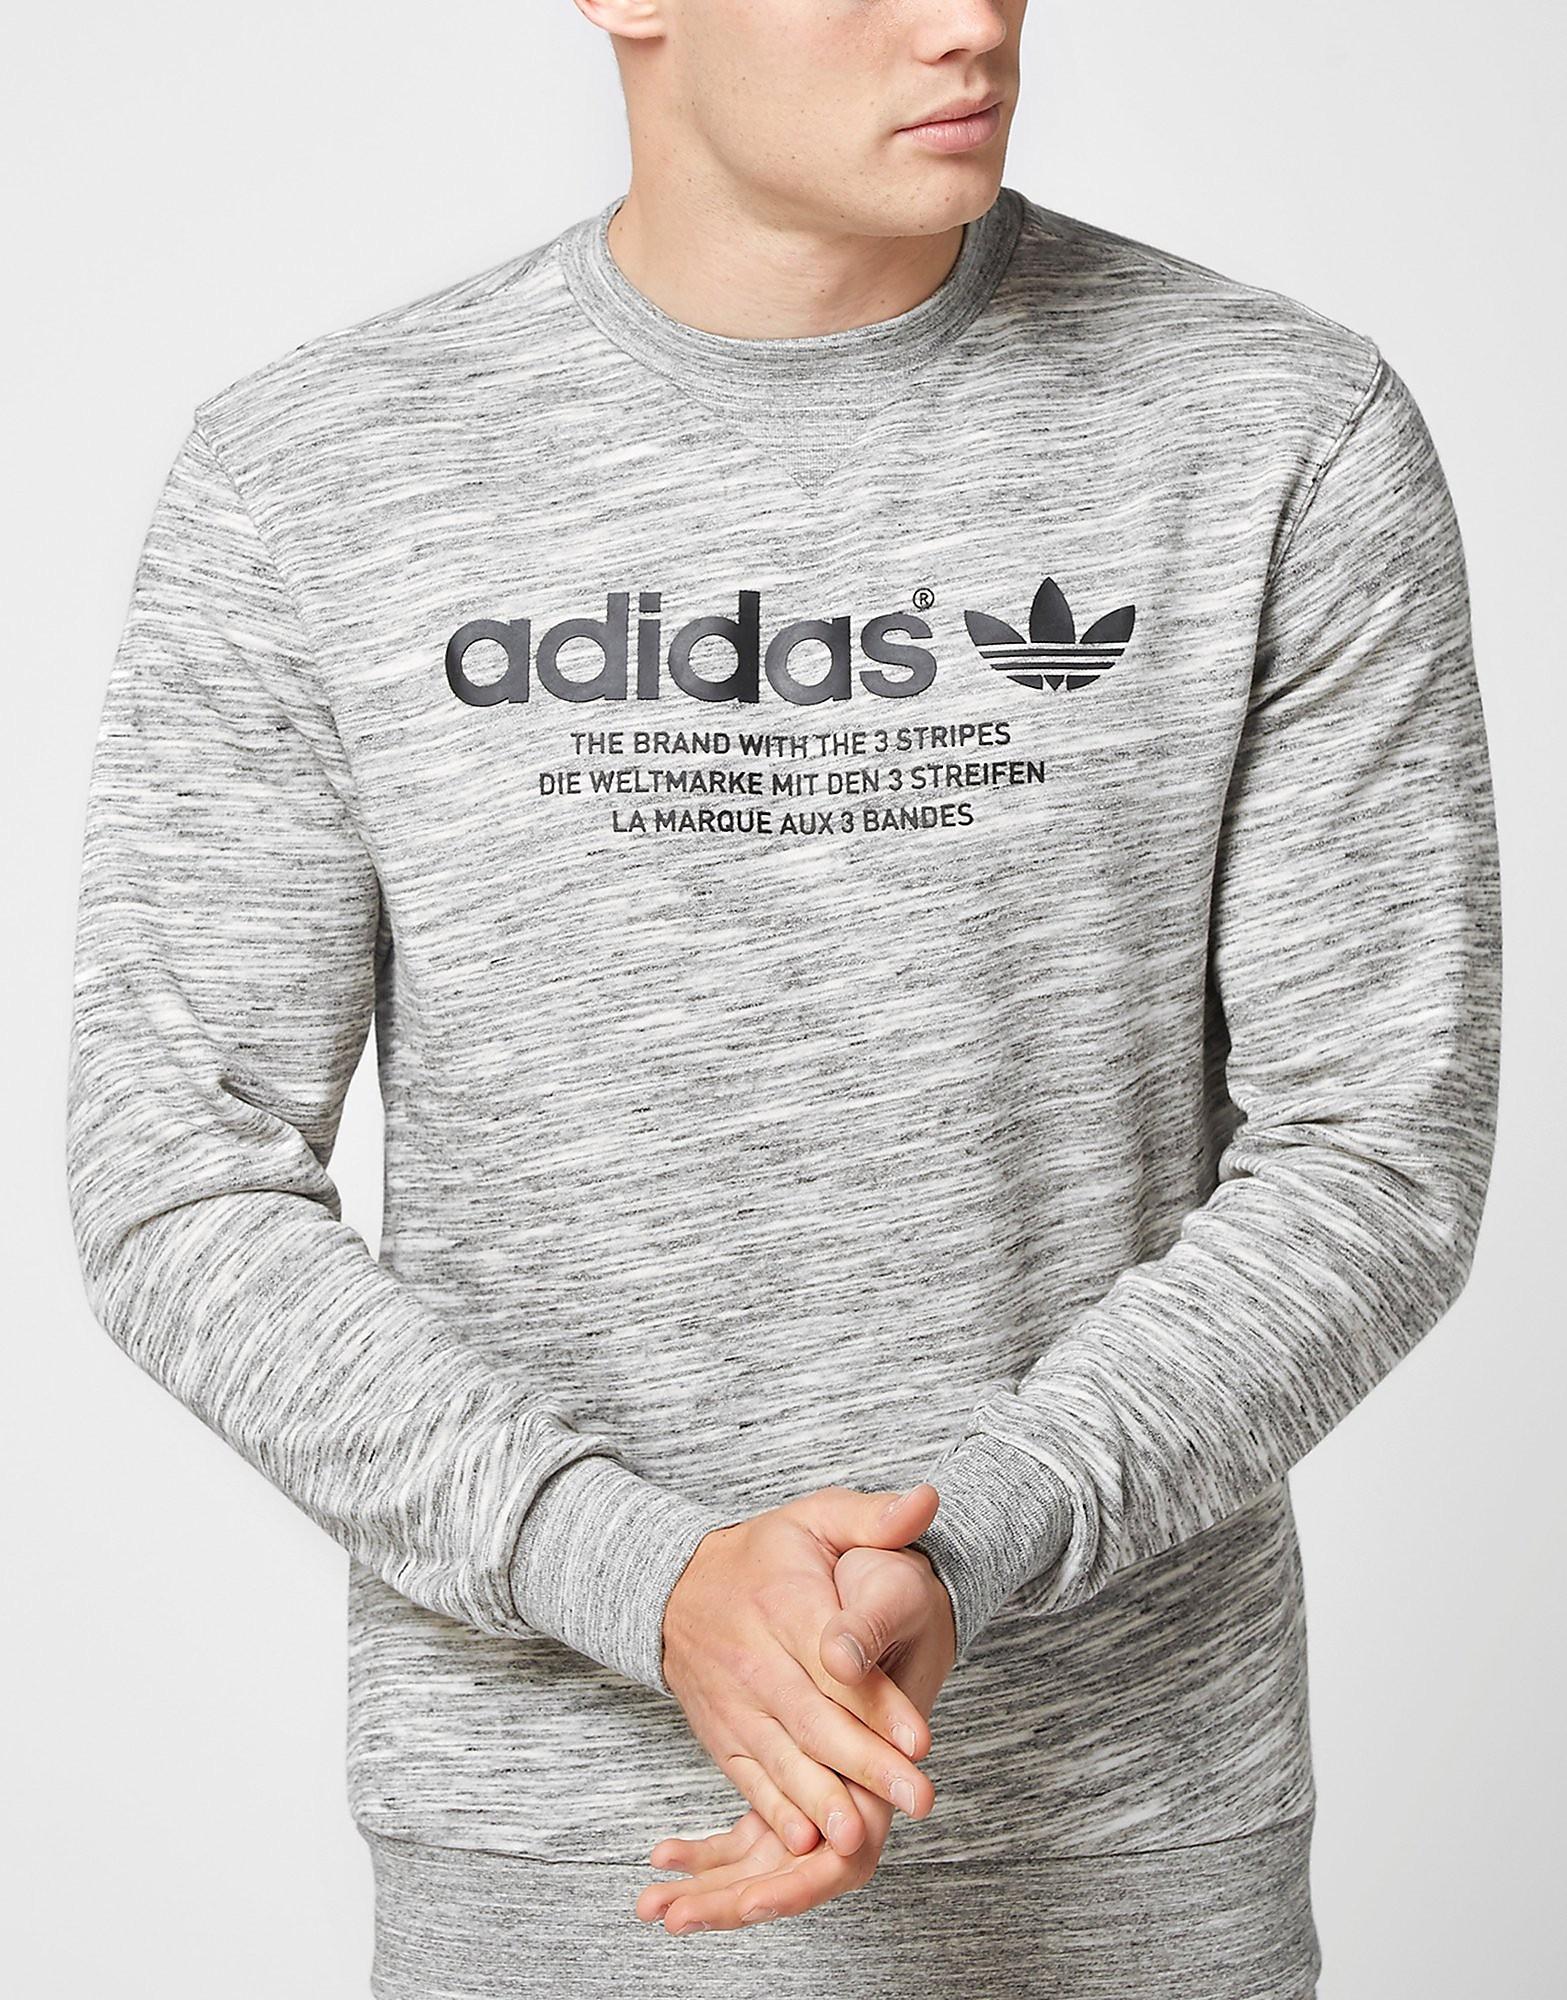 adidas Originals Premium Trefoil Crew Sweatshirt